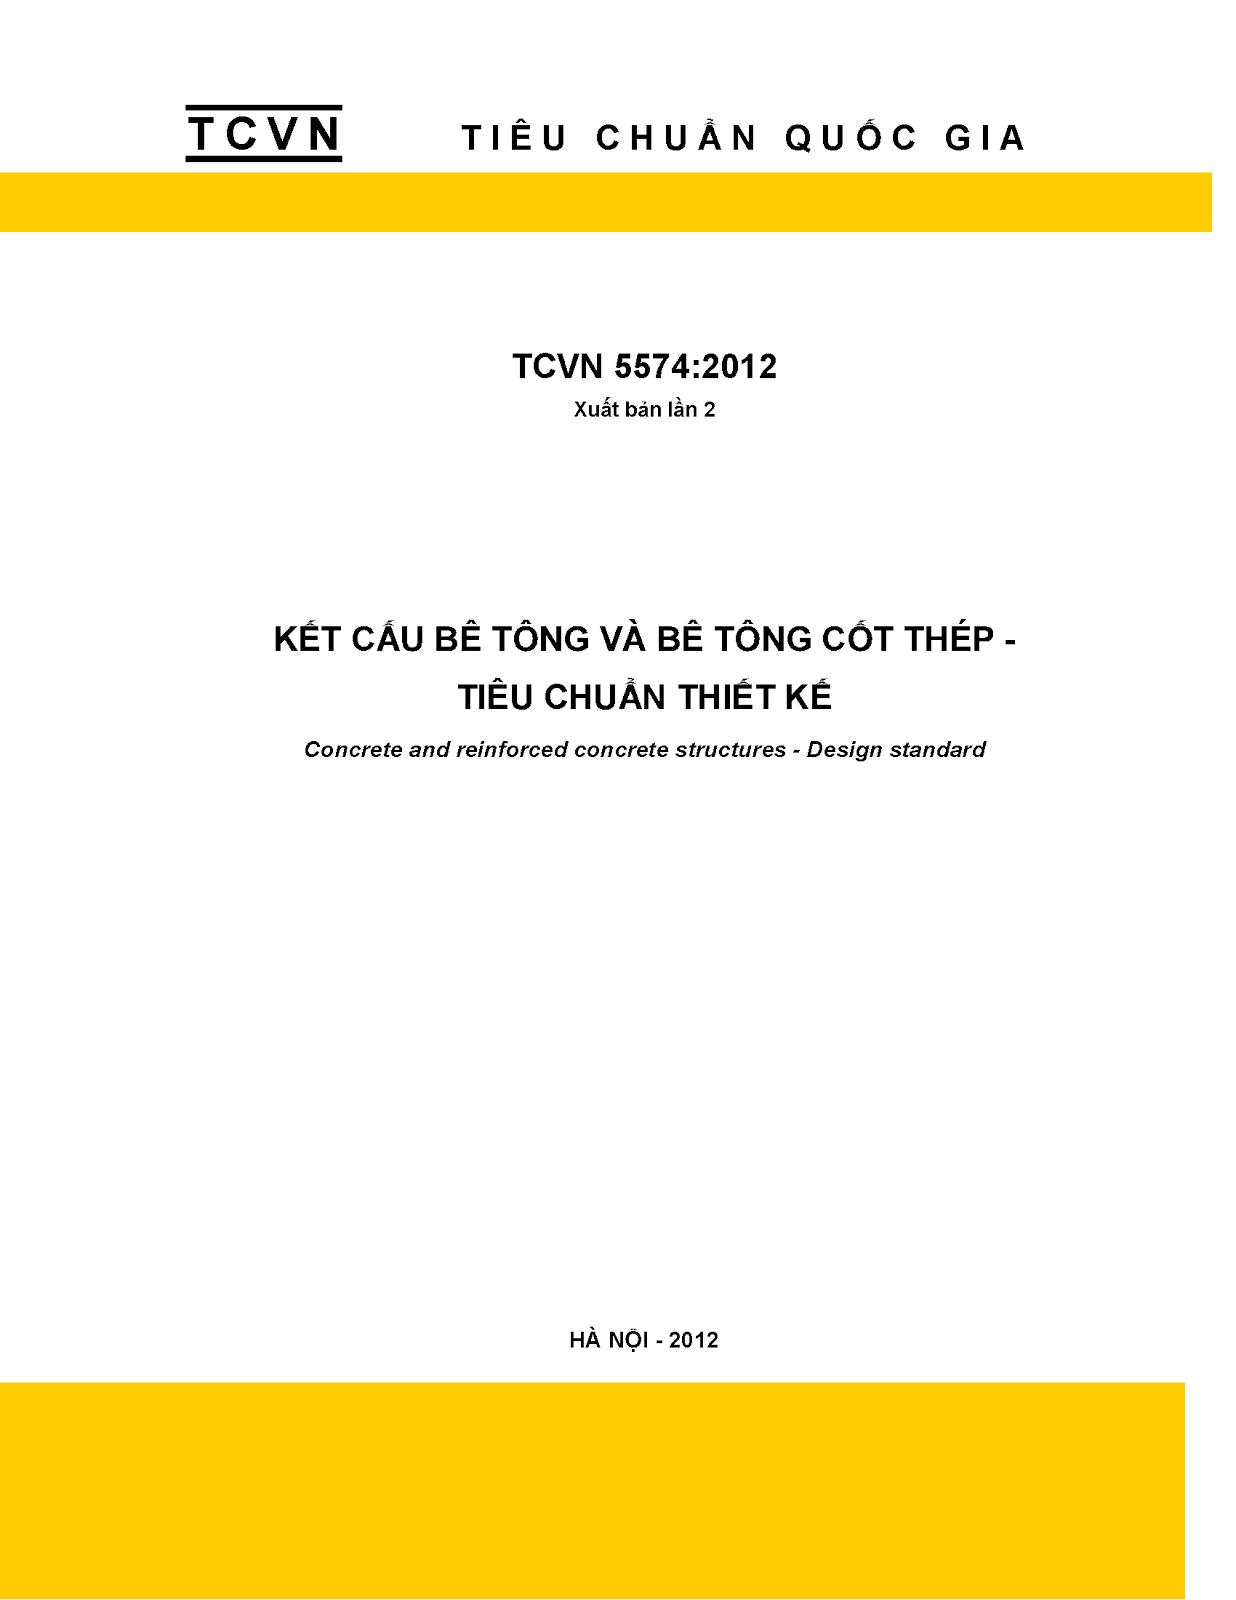 TCVN 5574-2012 - Tiêu chuẩn thiết kế bê tông và bê tông cốt thép